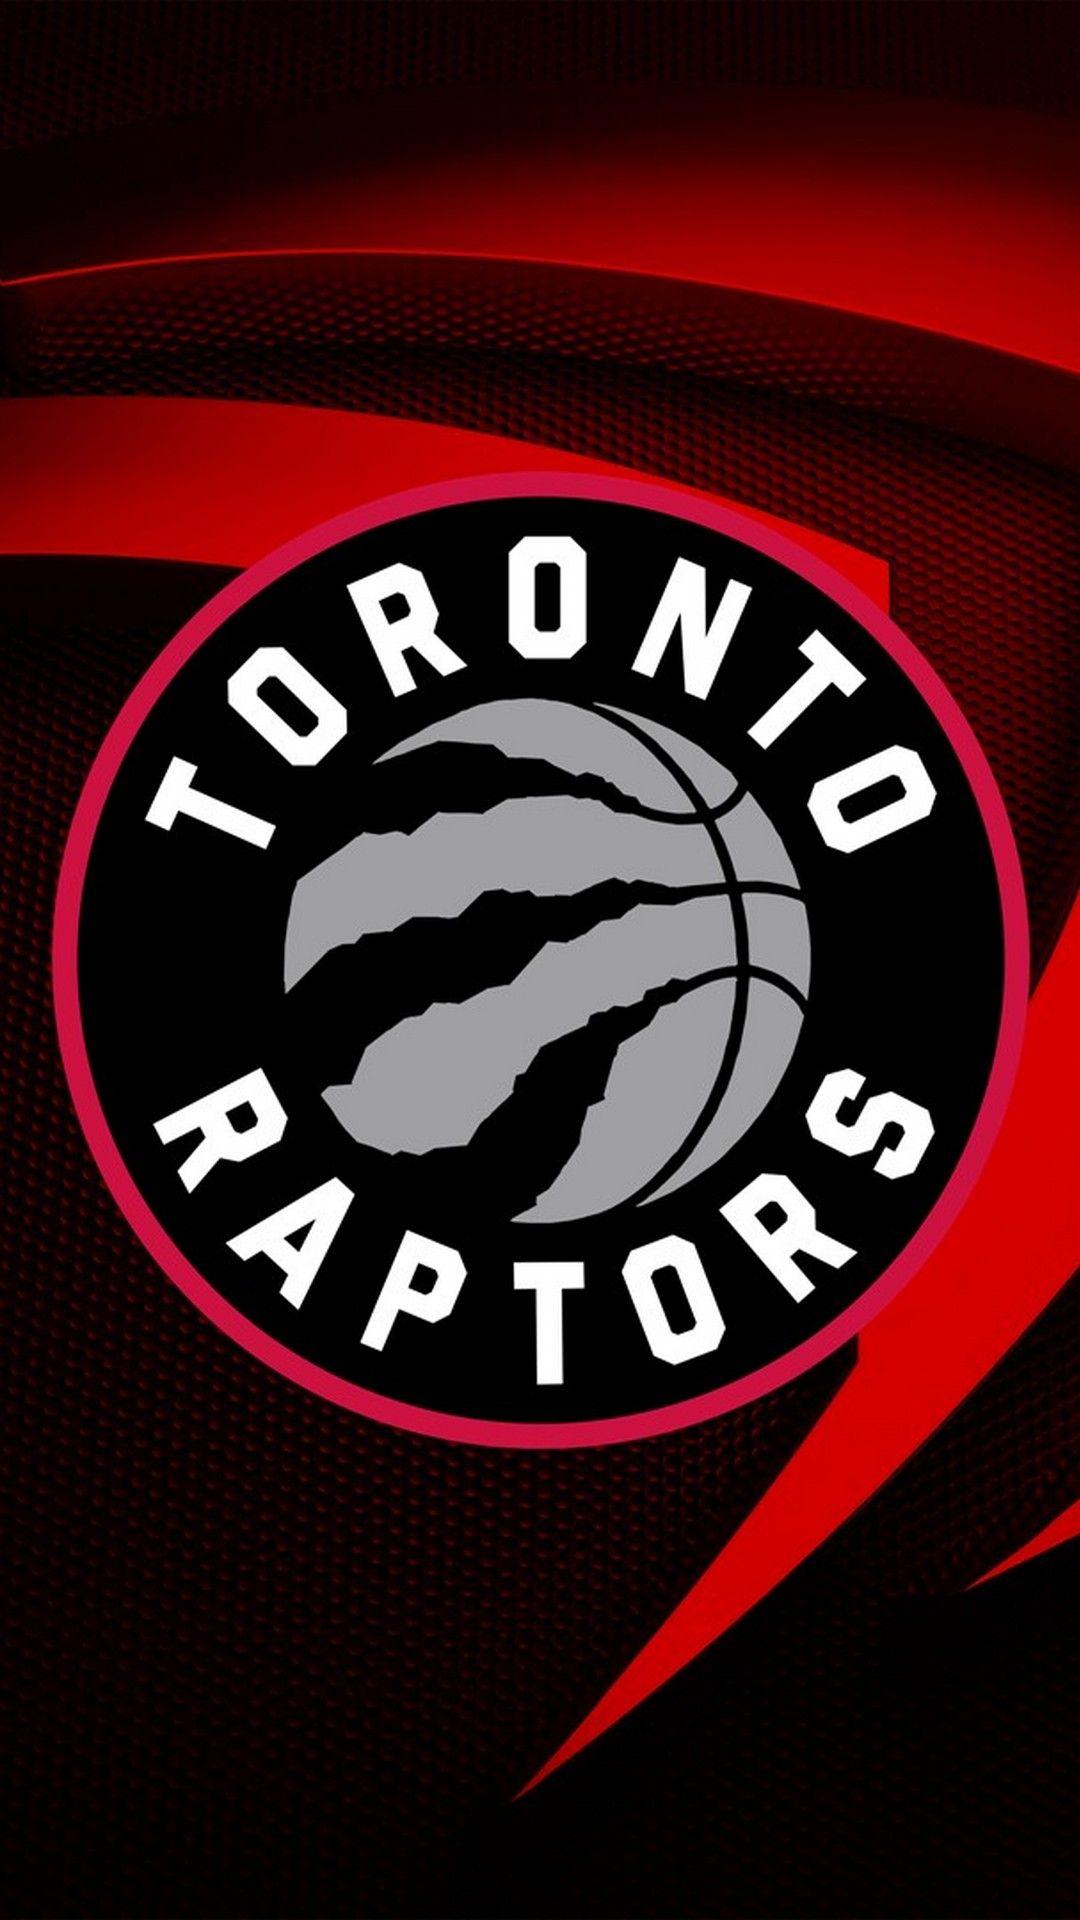 Toronto Raptors Iphone X Wallpaper Best Iphone Wallpaper Toronto Raptors Raptors Wallpaper Raptors